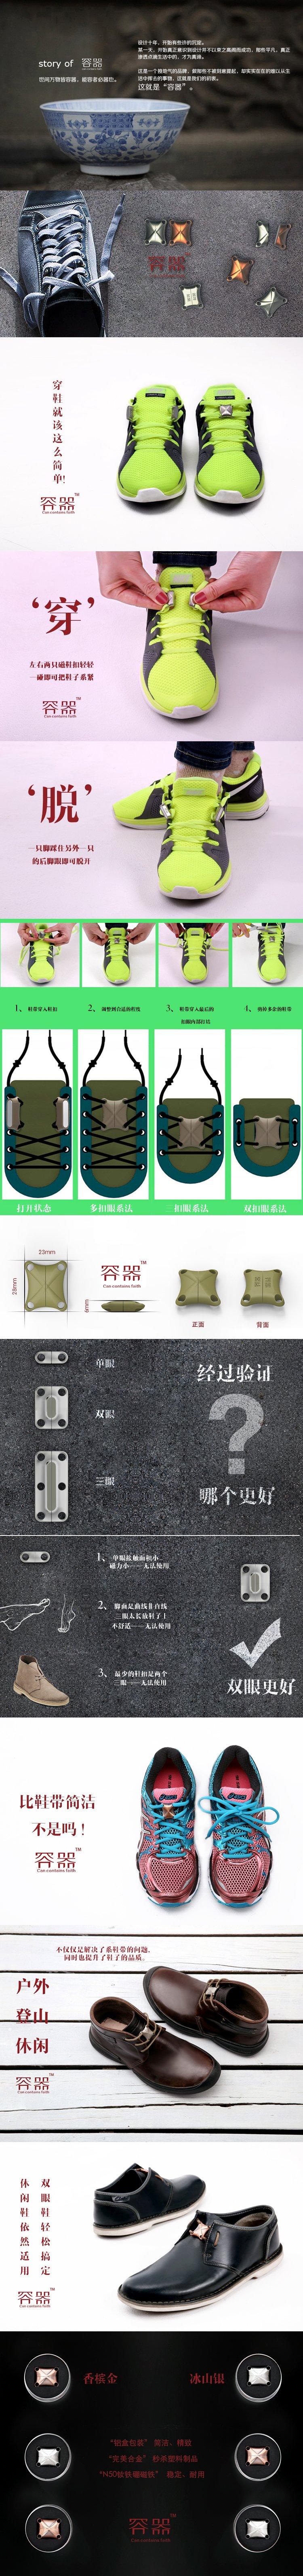 Обувная застежка Container u3311